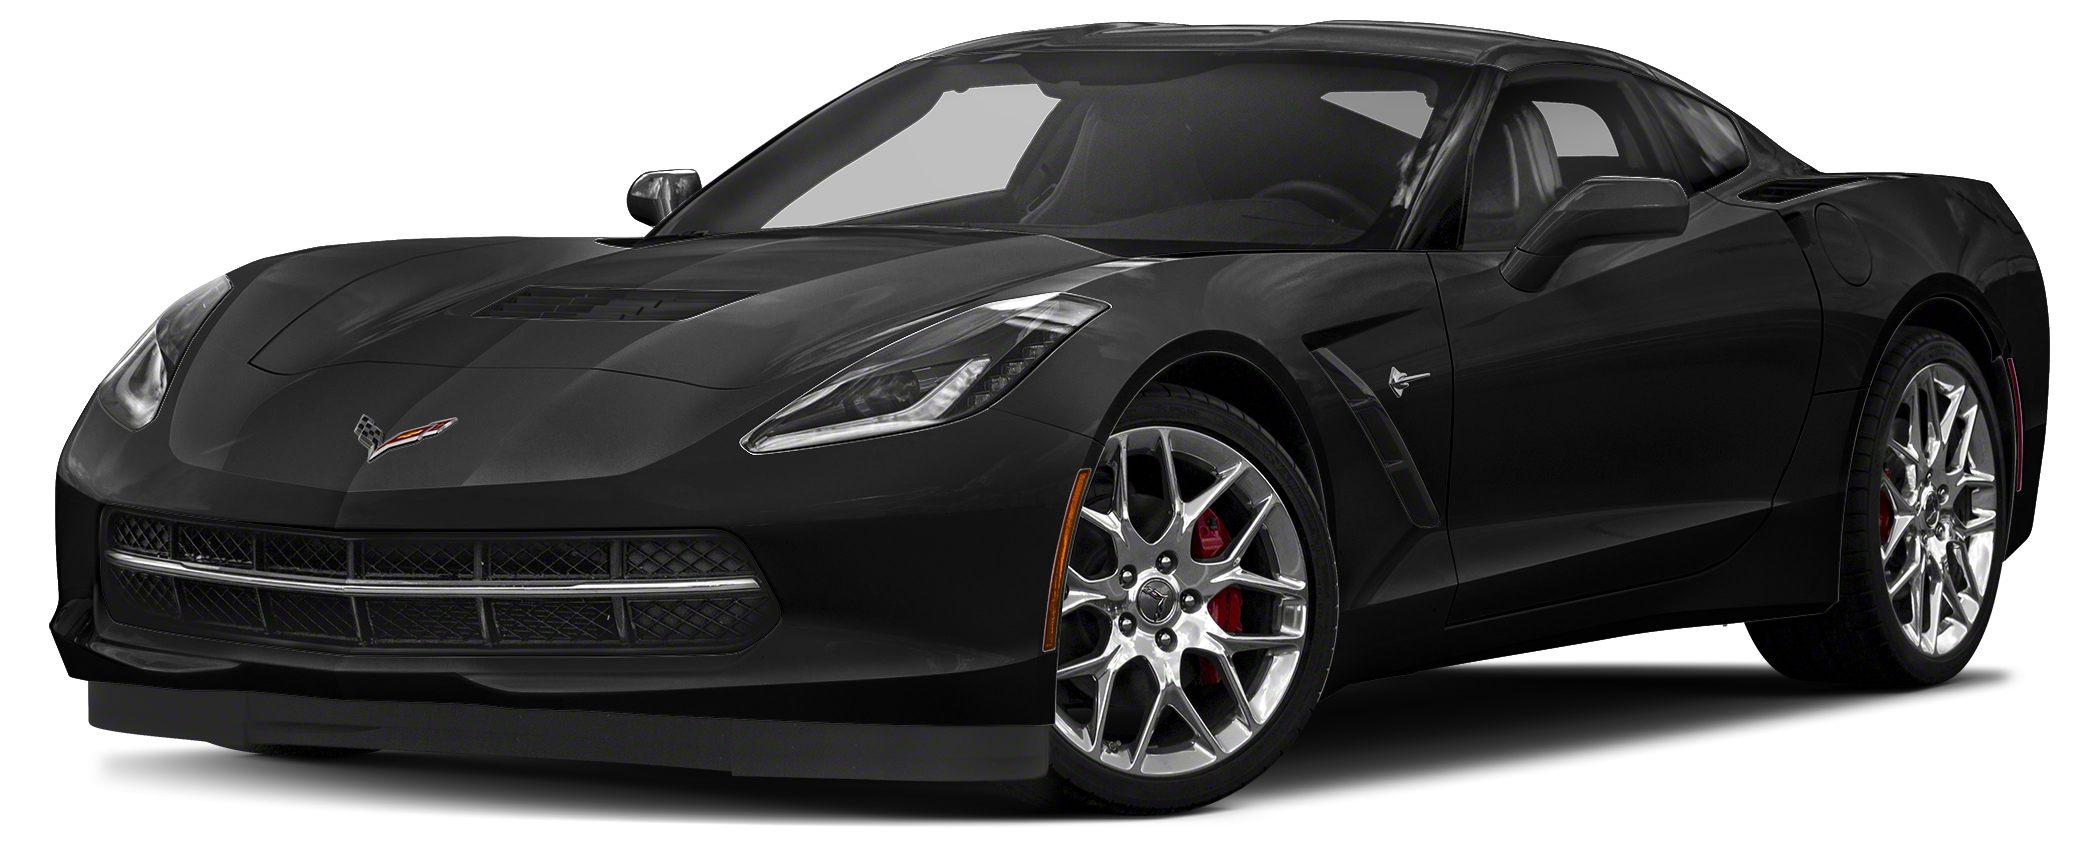 2018 Chevrolet Corvette Stingray Black 2018 Chevrolet Corvette Stingray RWD 62L V8 Color Black